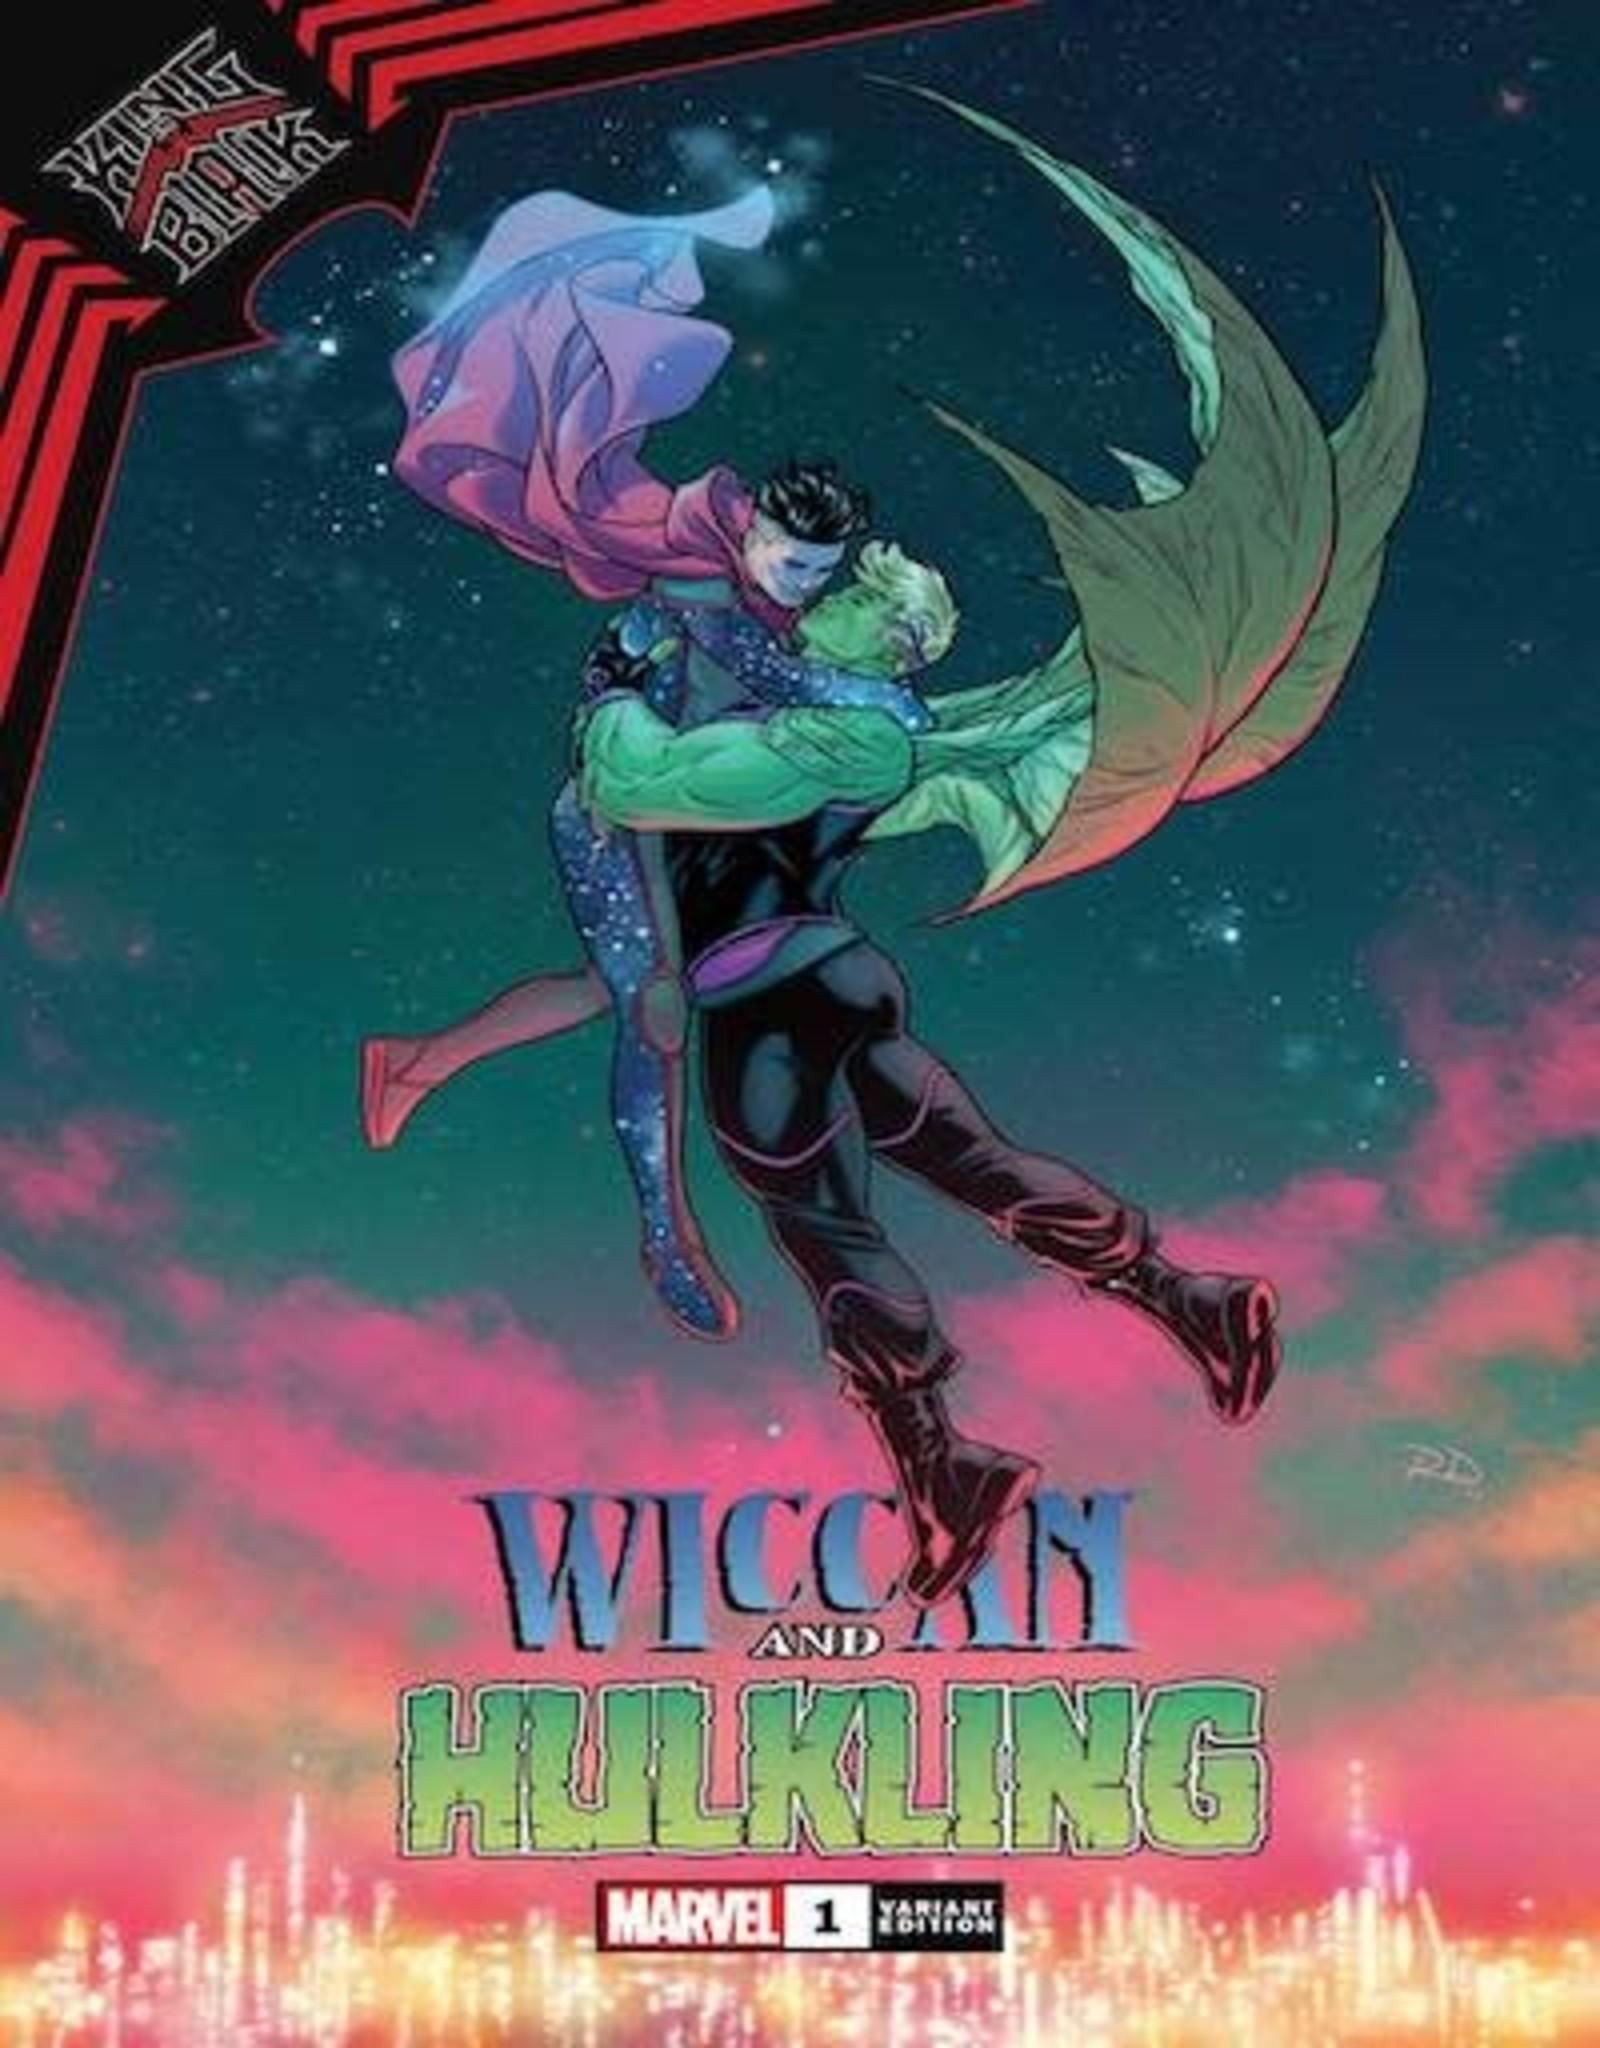 Marvel Comics King In Black Wiccan Hulkling #1 Dauterman Var